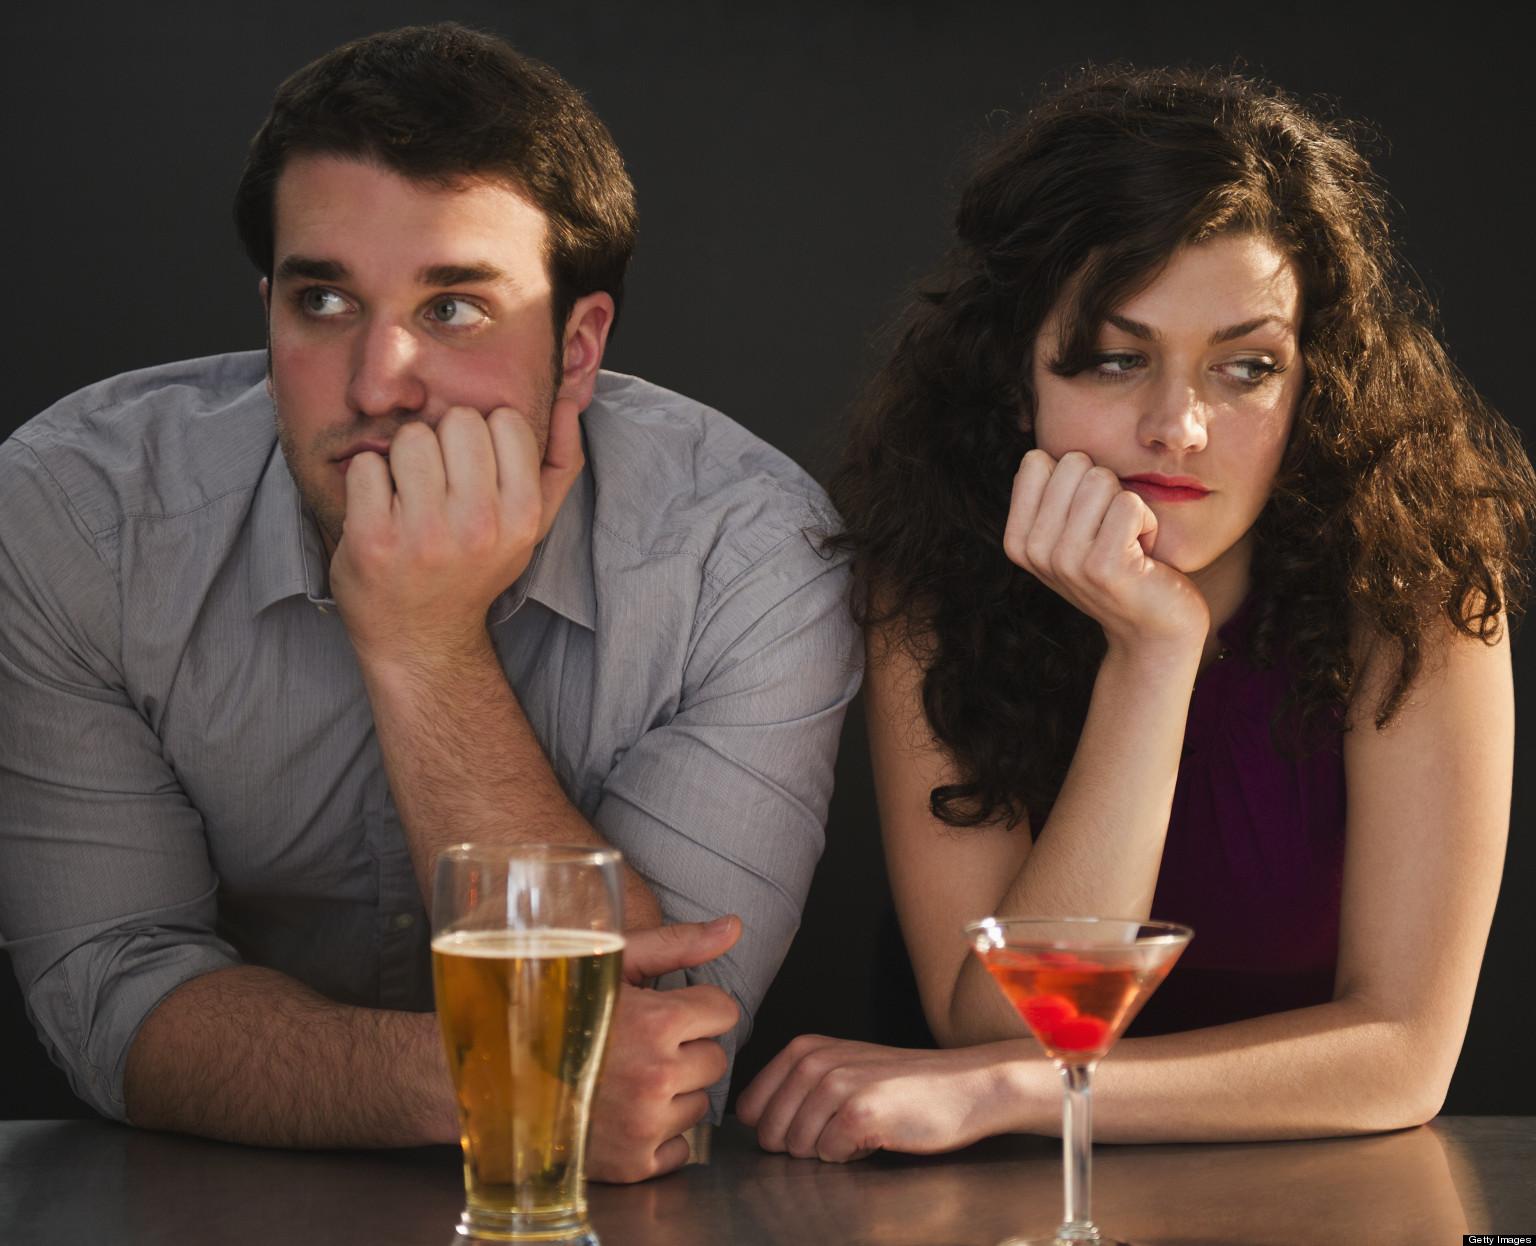 почему нельзя знакомить подруг с парнями